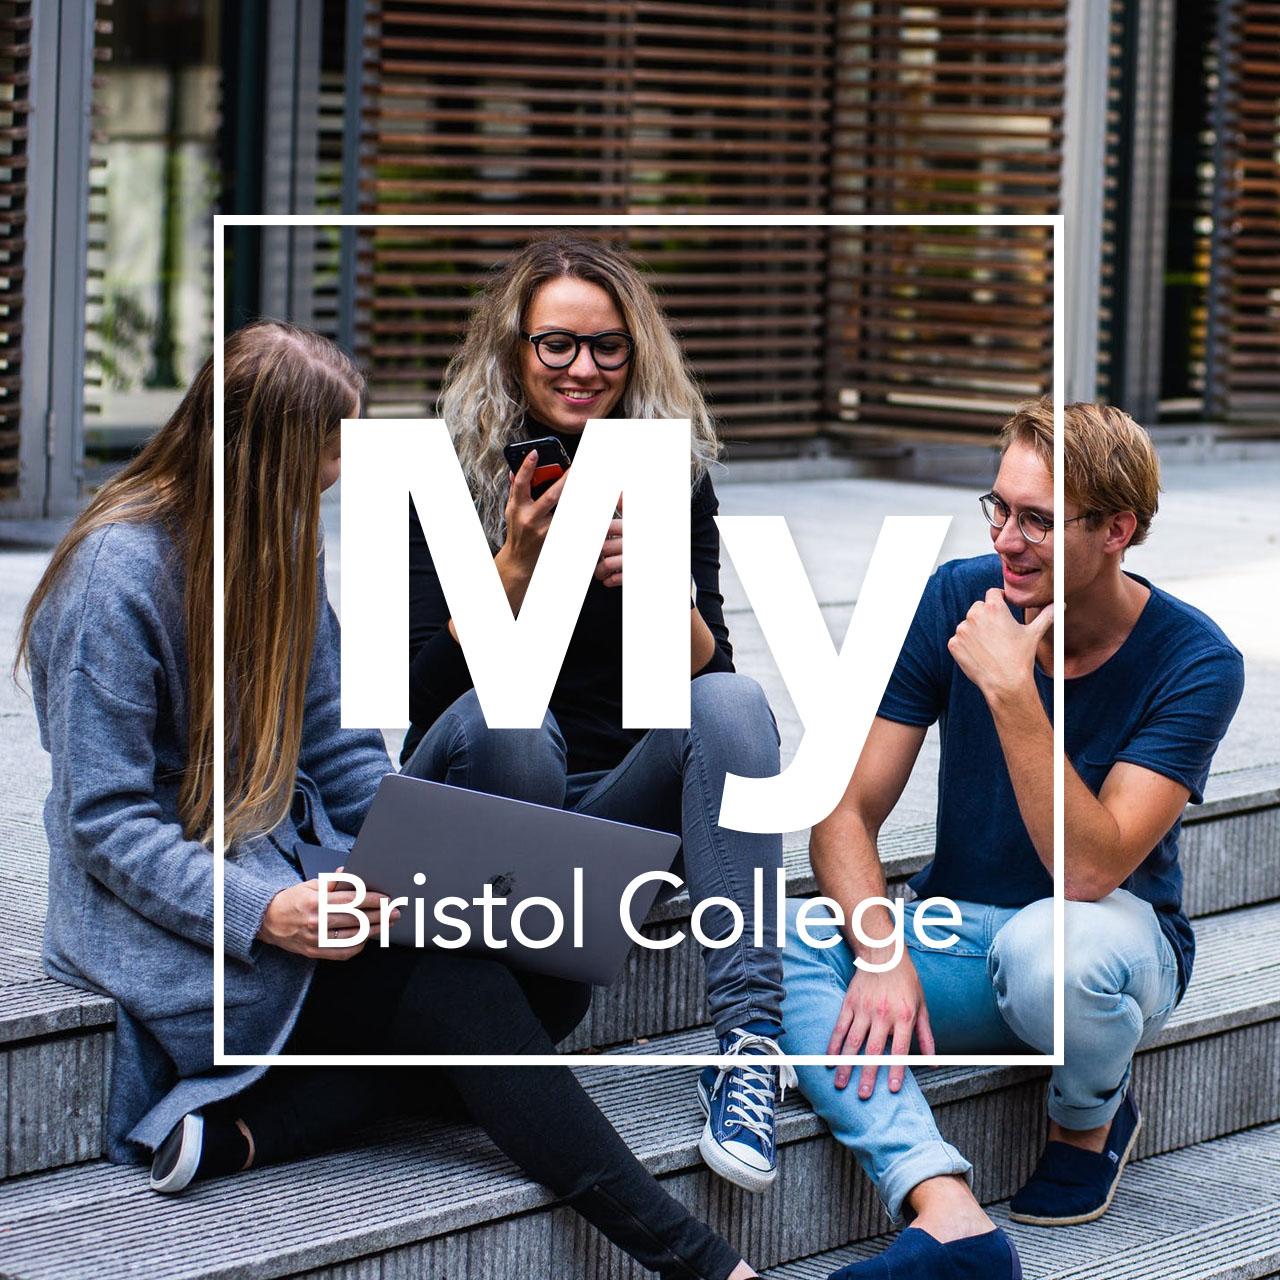 My Bristol College campaign image